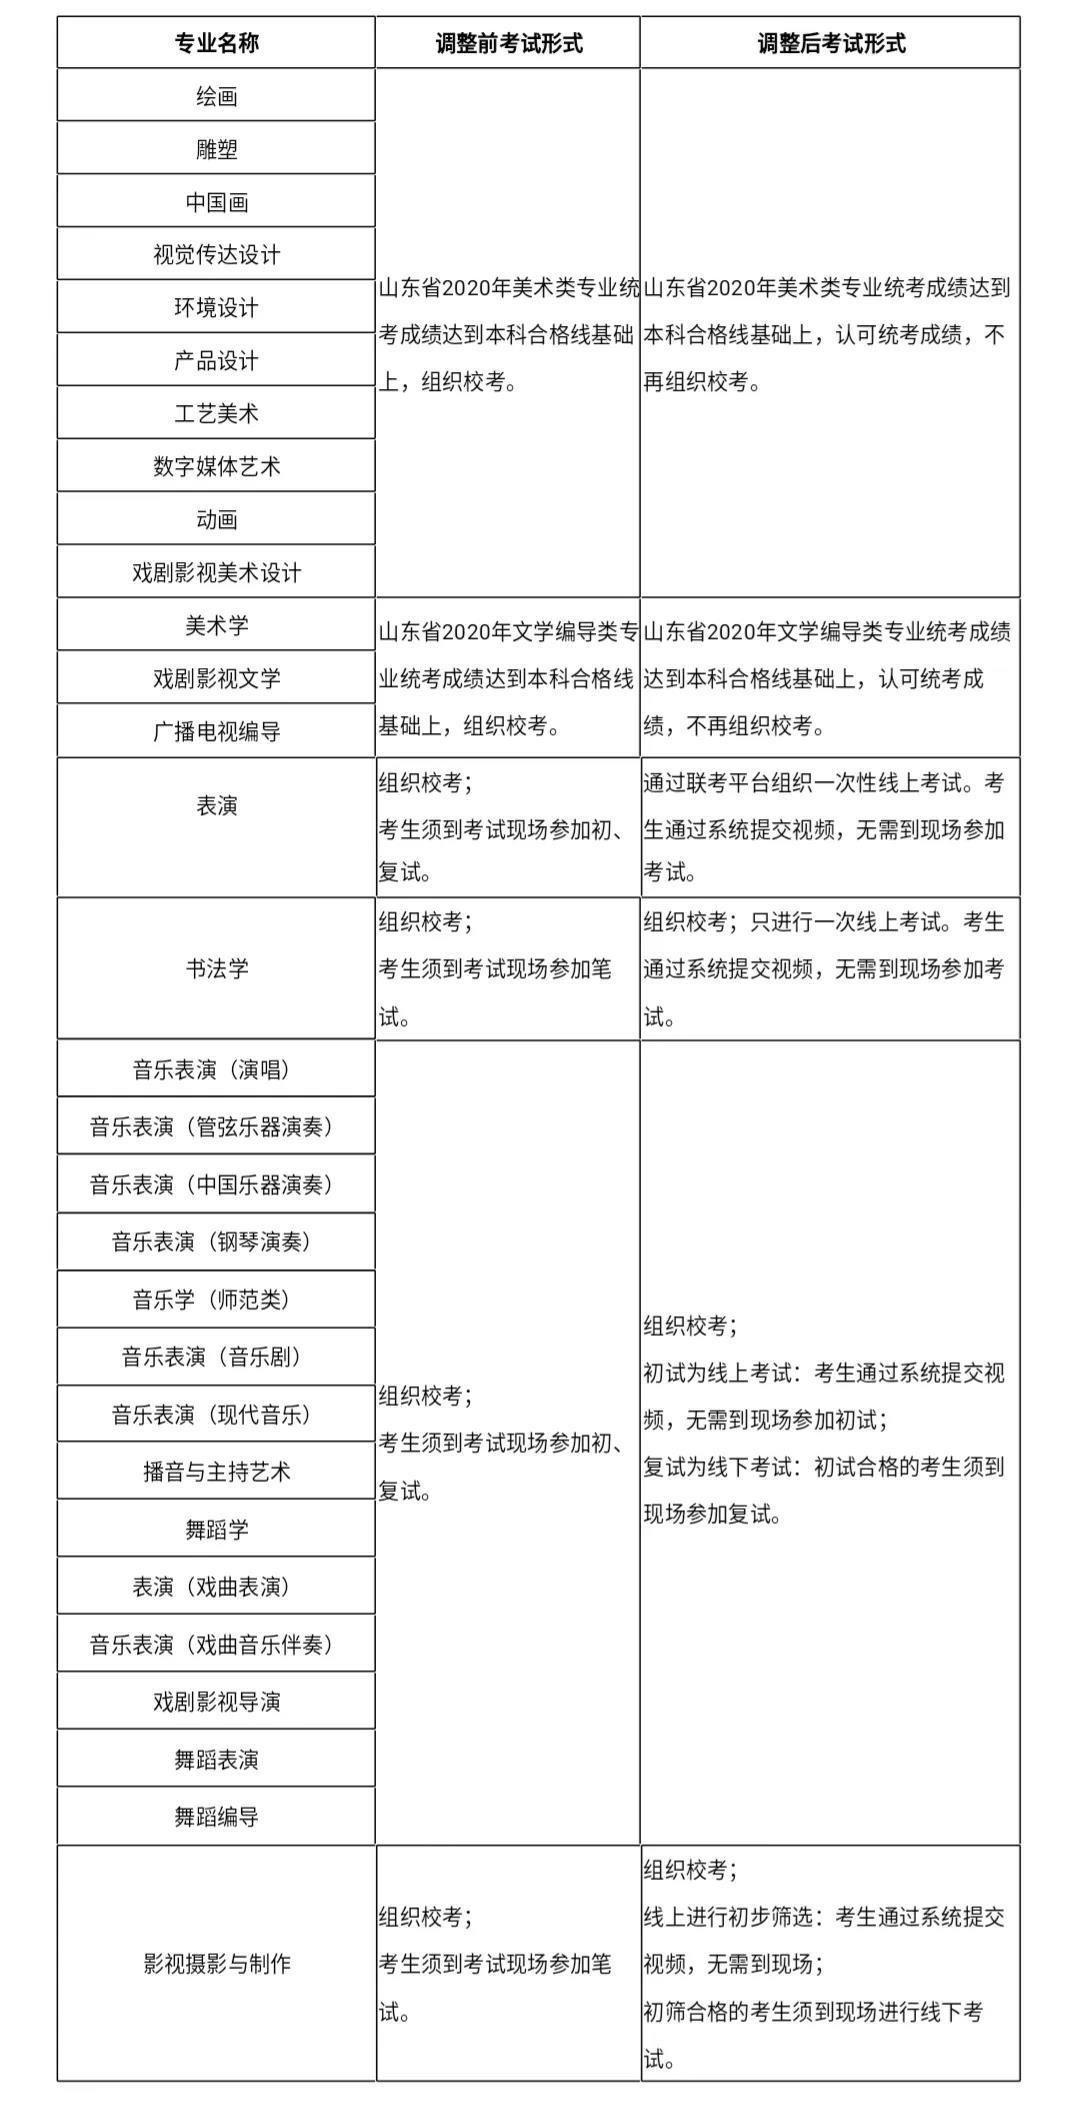 山东艺术学院2020年省内校考调整实施方案